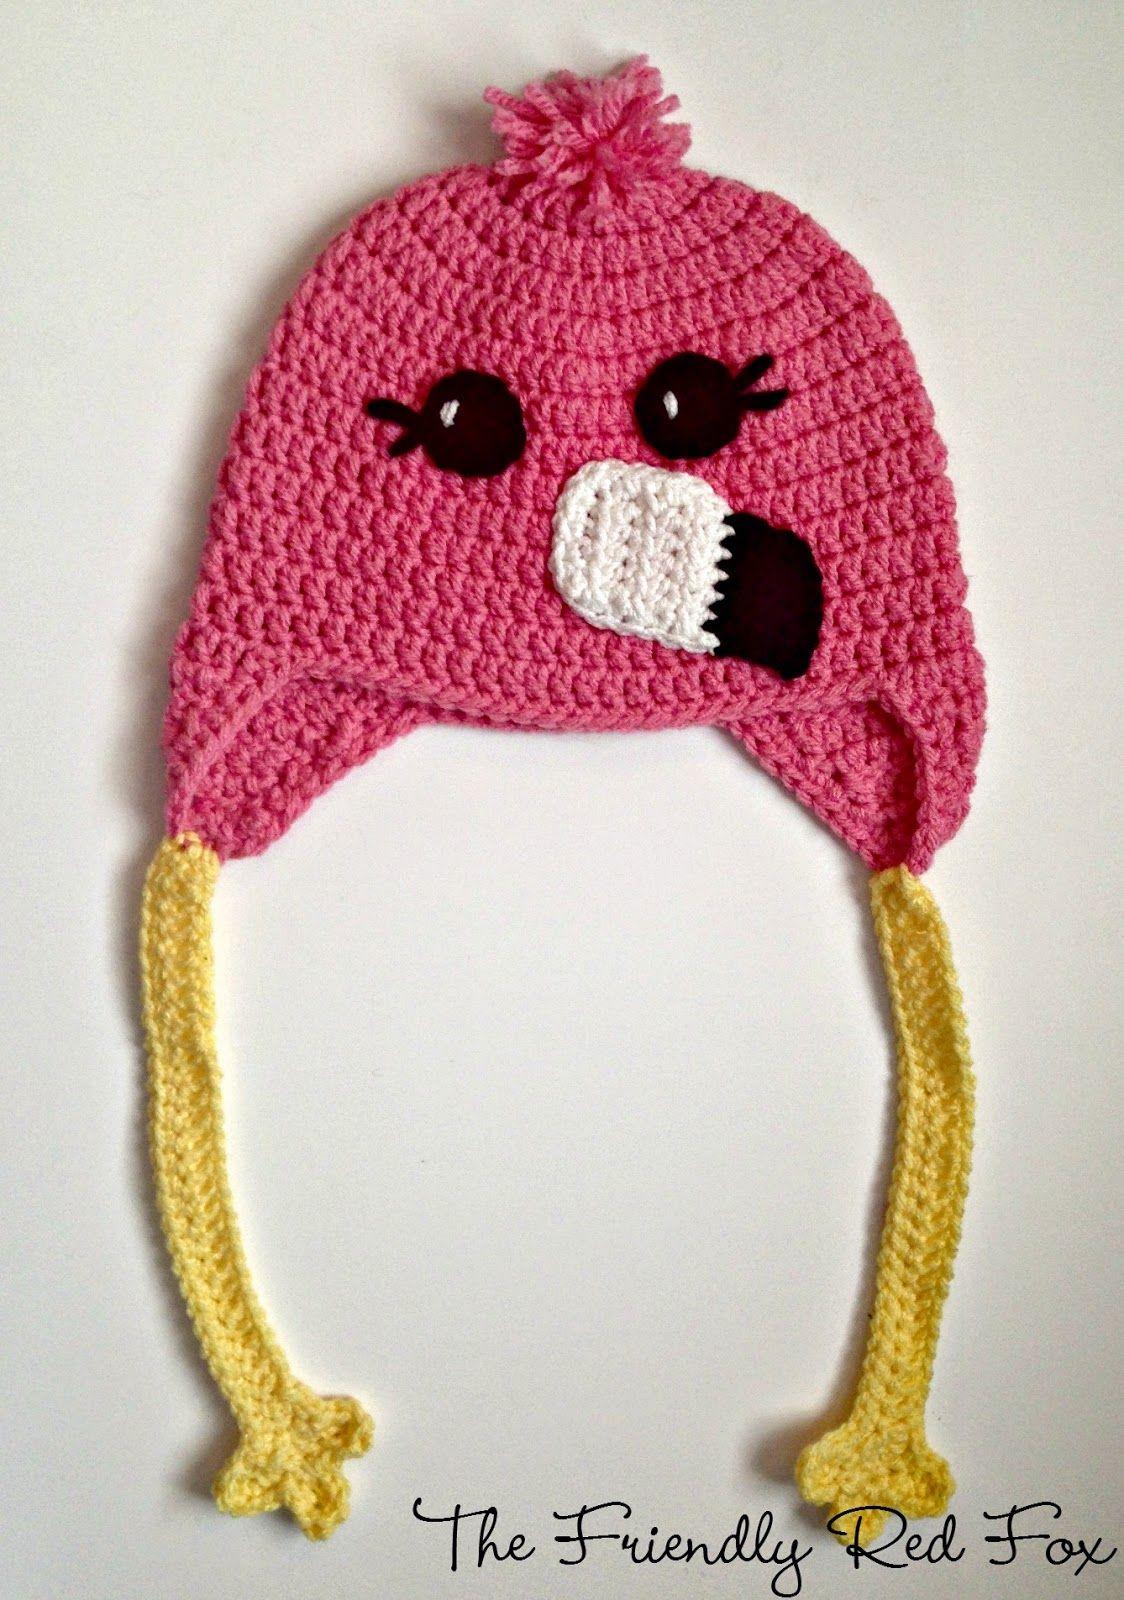 Free Crochet Hat Pattern: Flamingo Style | Häkeln und Schöner